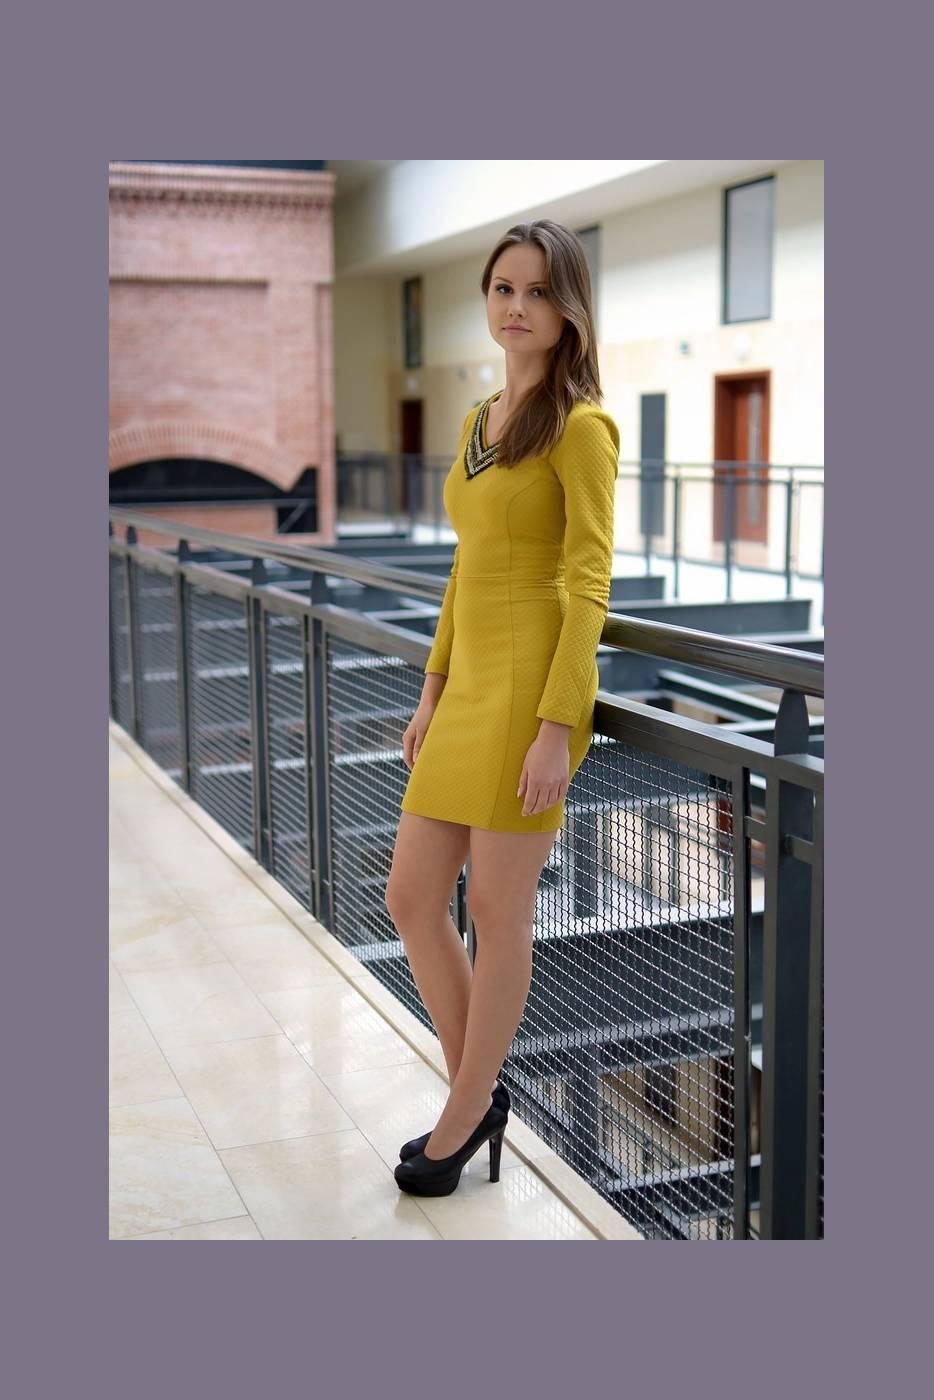 Сбор заказов. Яркая, ультрамодная одежда польского бренда Sako. Платья, кофточки, блузки, жакеты, брюки, верхняя одежда. Большой выбор. Не дорого.